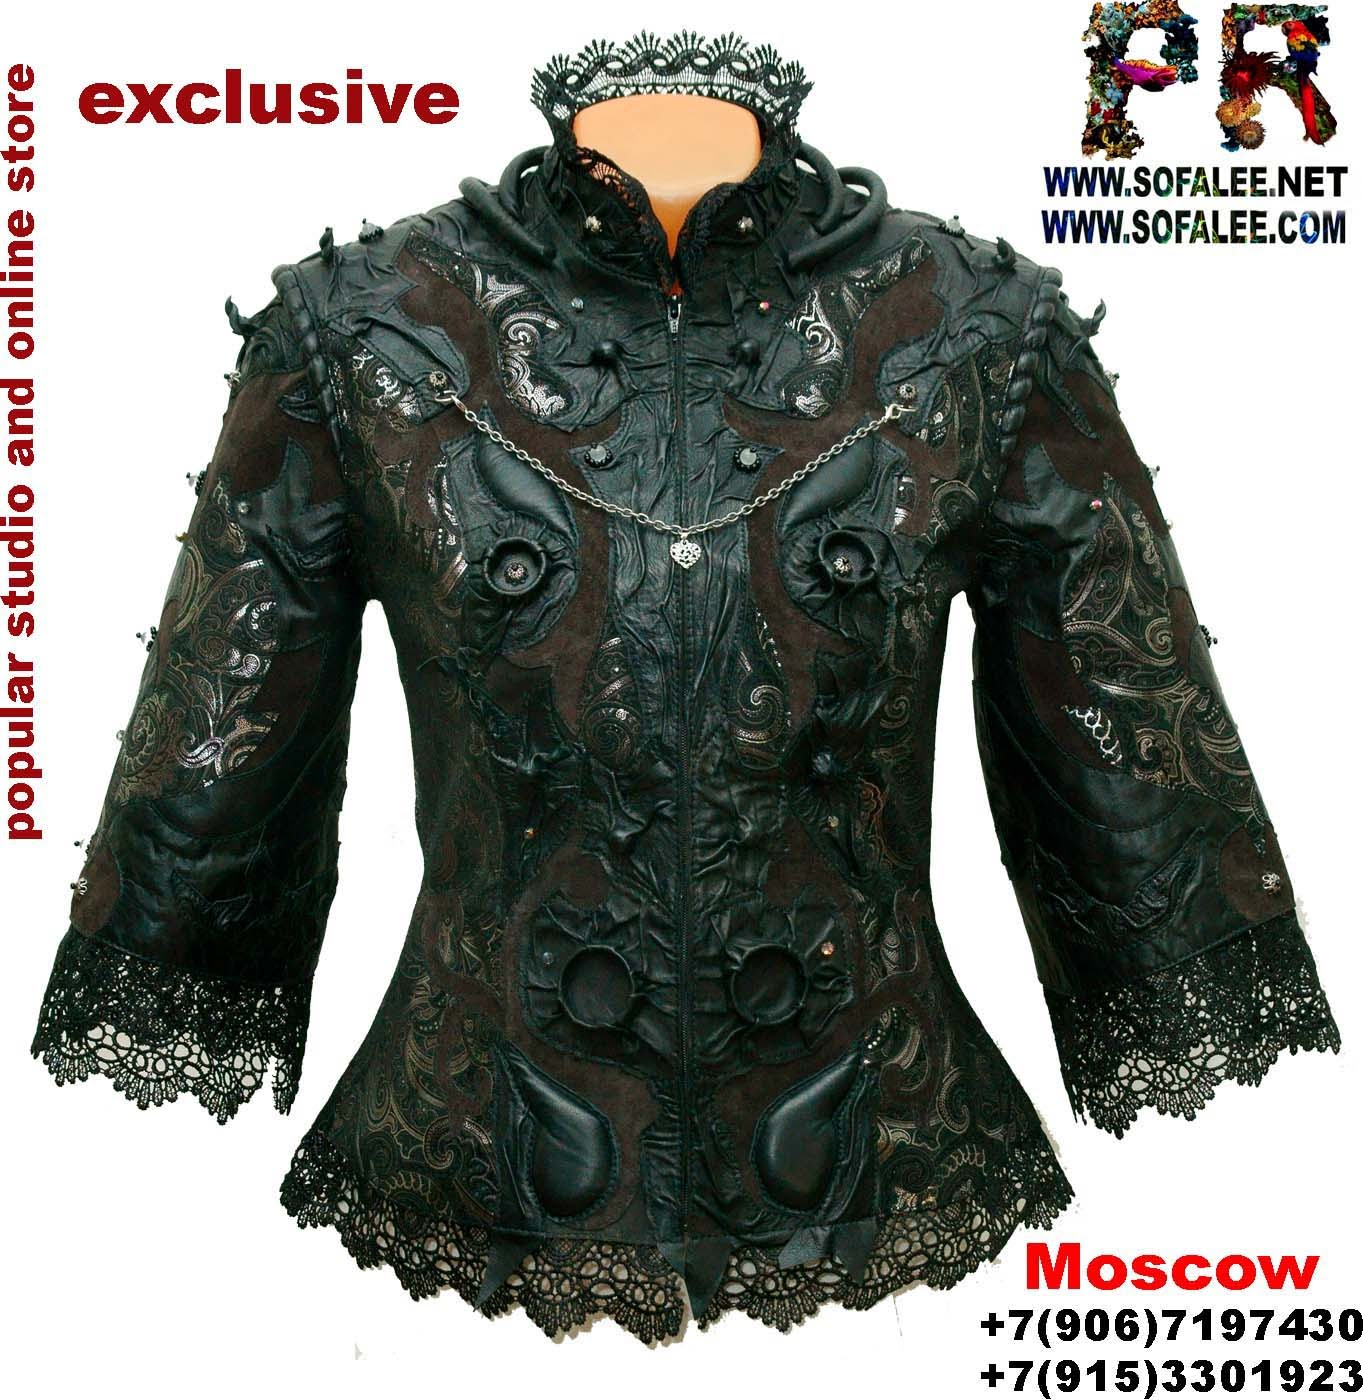 эксклюзивная куртка из кожи с кружевам0001